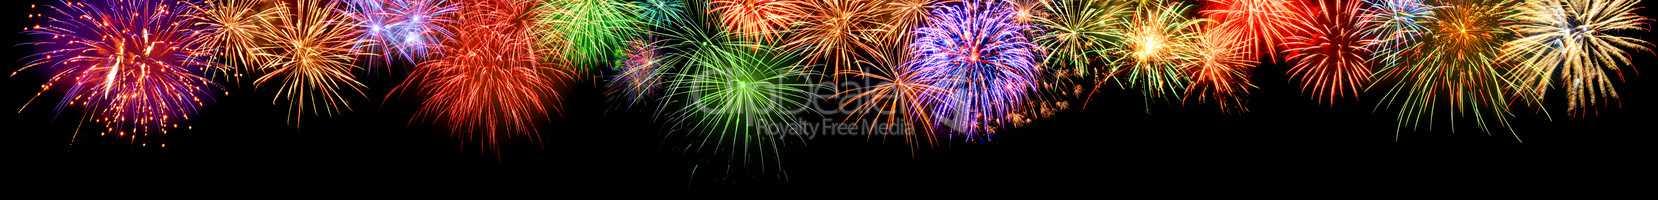 Feuerwerk Borüre, freudig bunt und extra breit